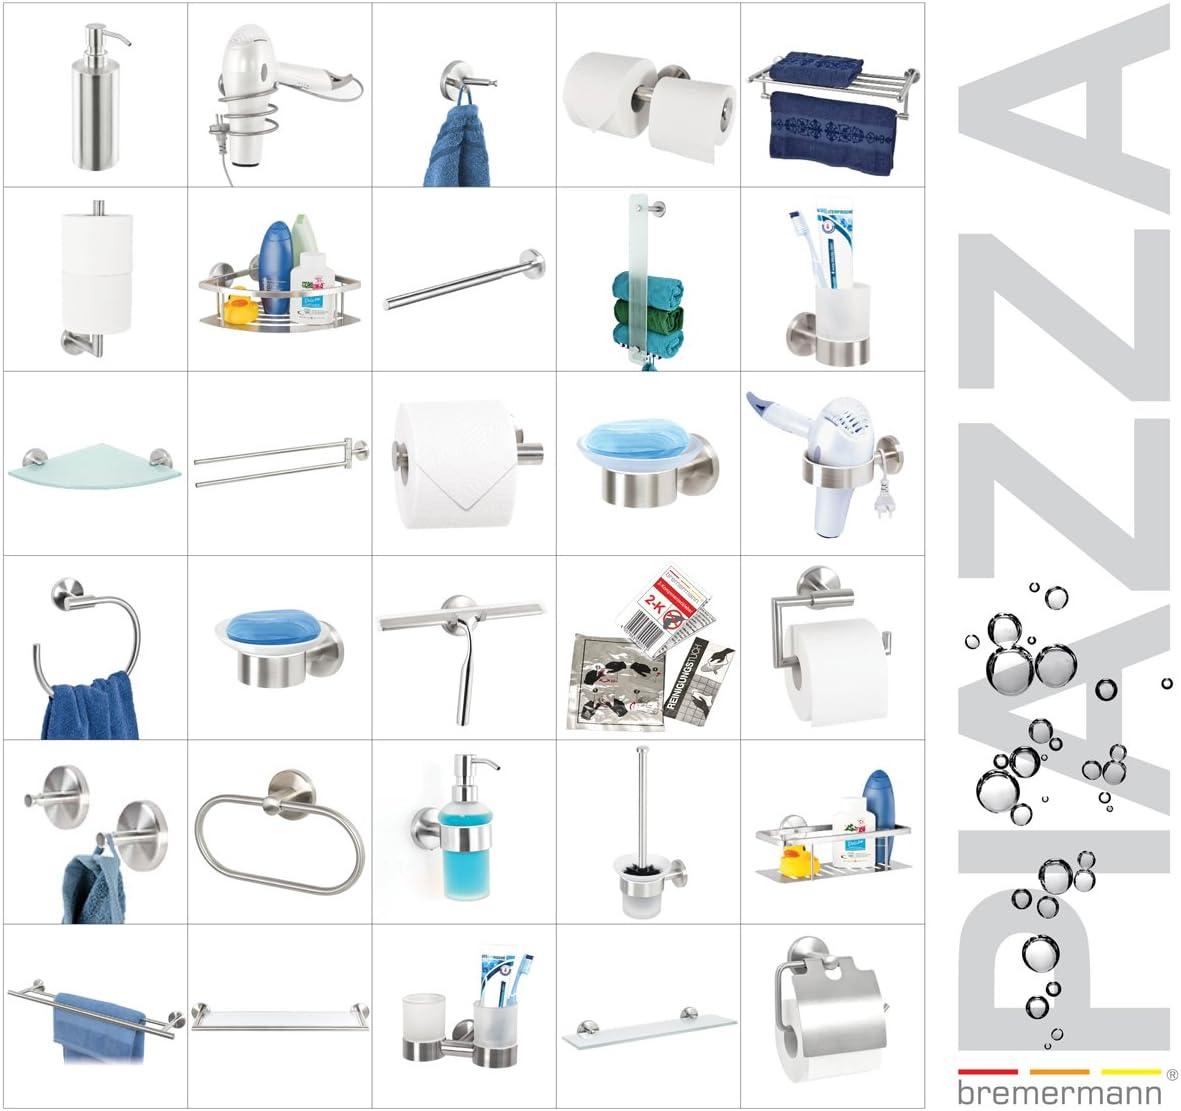 matt kein Bohren 3M Klebebefestigung Handtuchring Handtuchhalter selbstklebend Edelstahl bremermann Bad-Serie PIAZZA TAPE